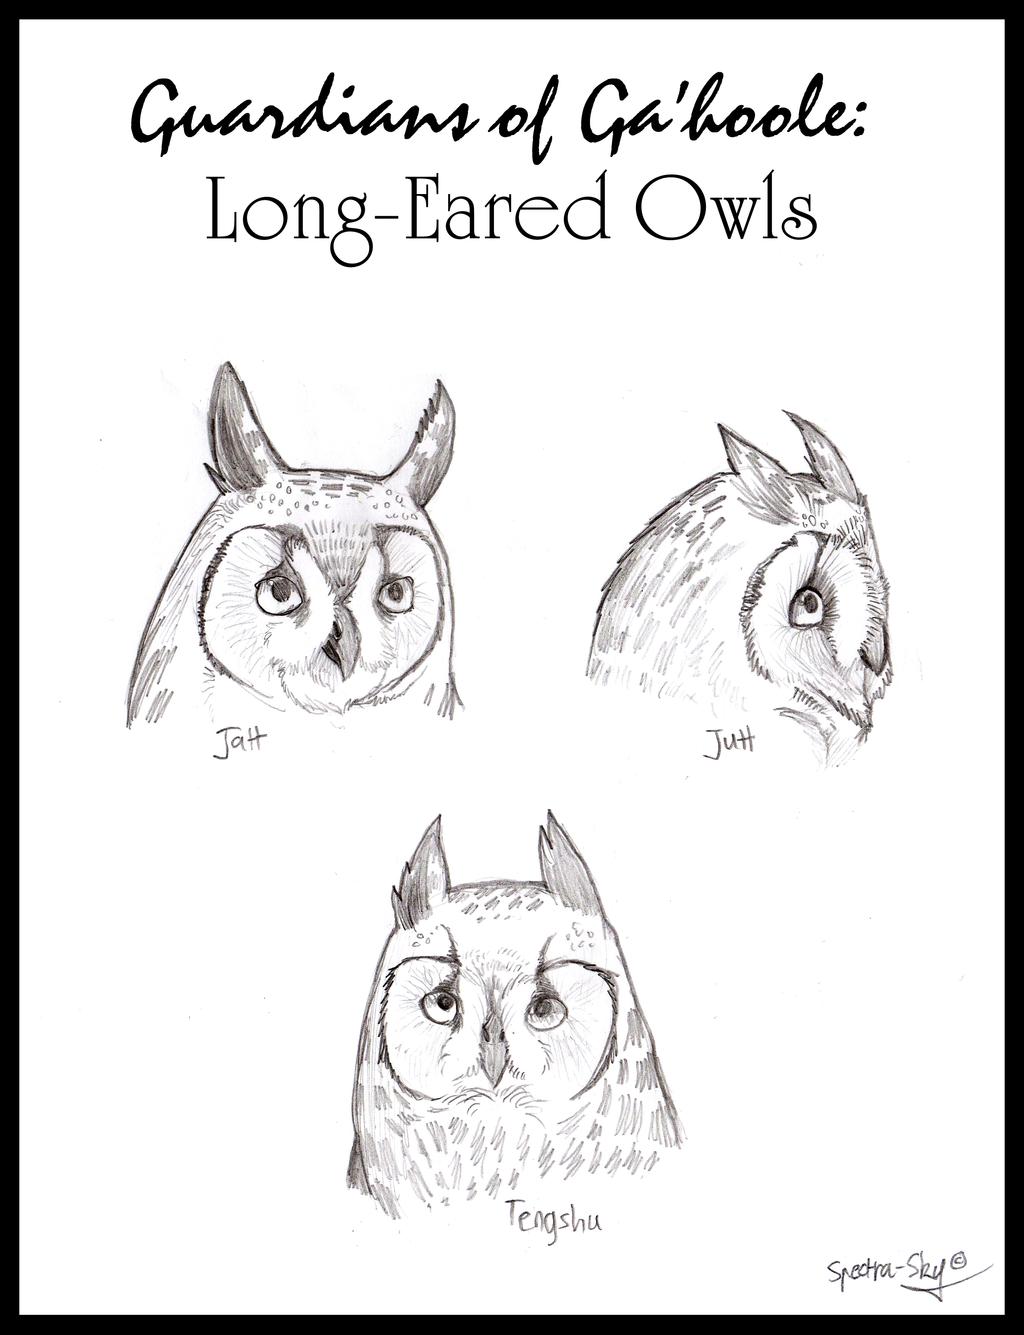 Long-Eared Owls of Ga'hoole by Spectra-Sky